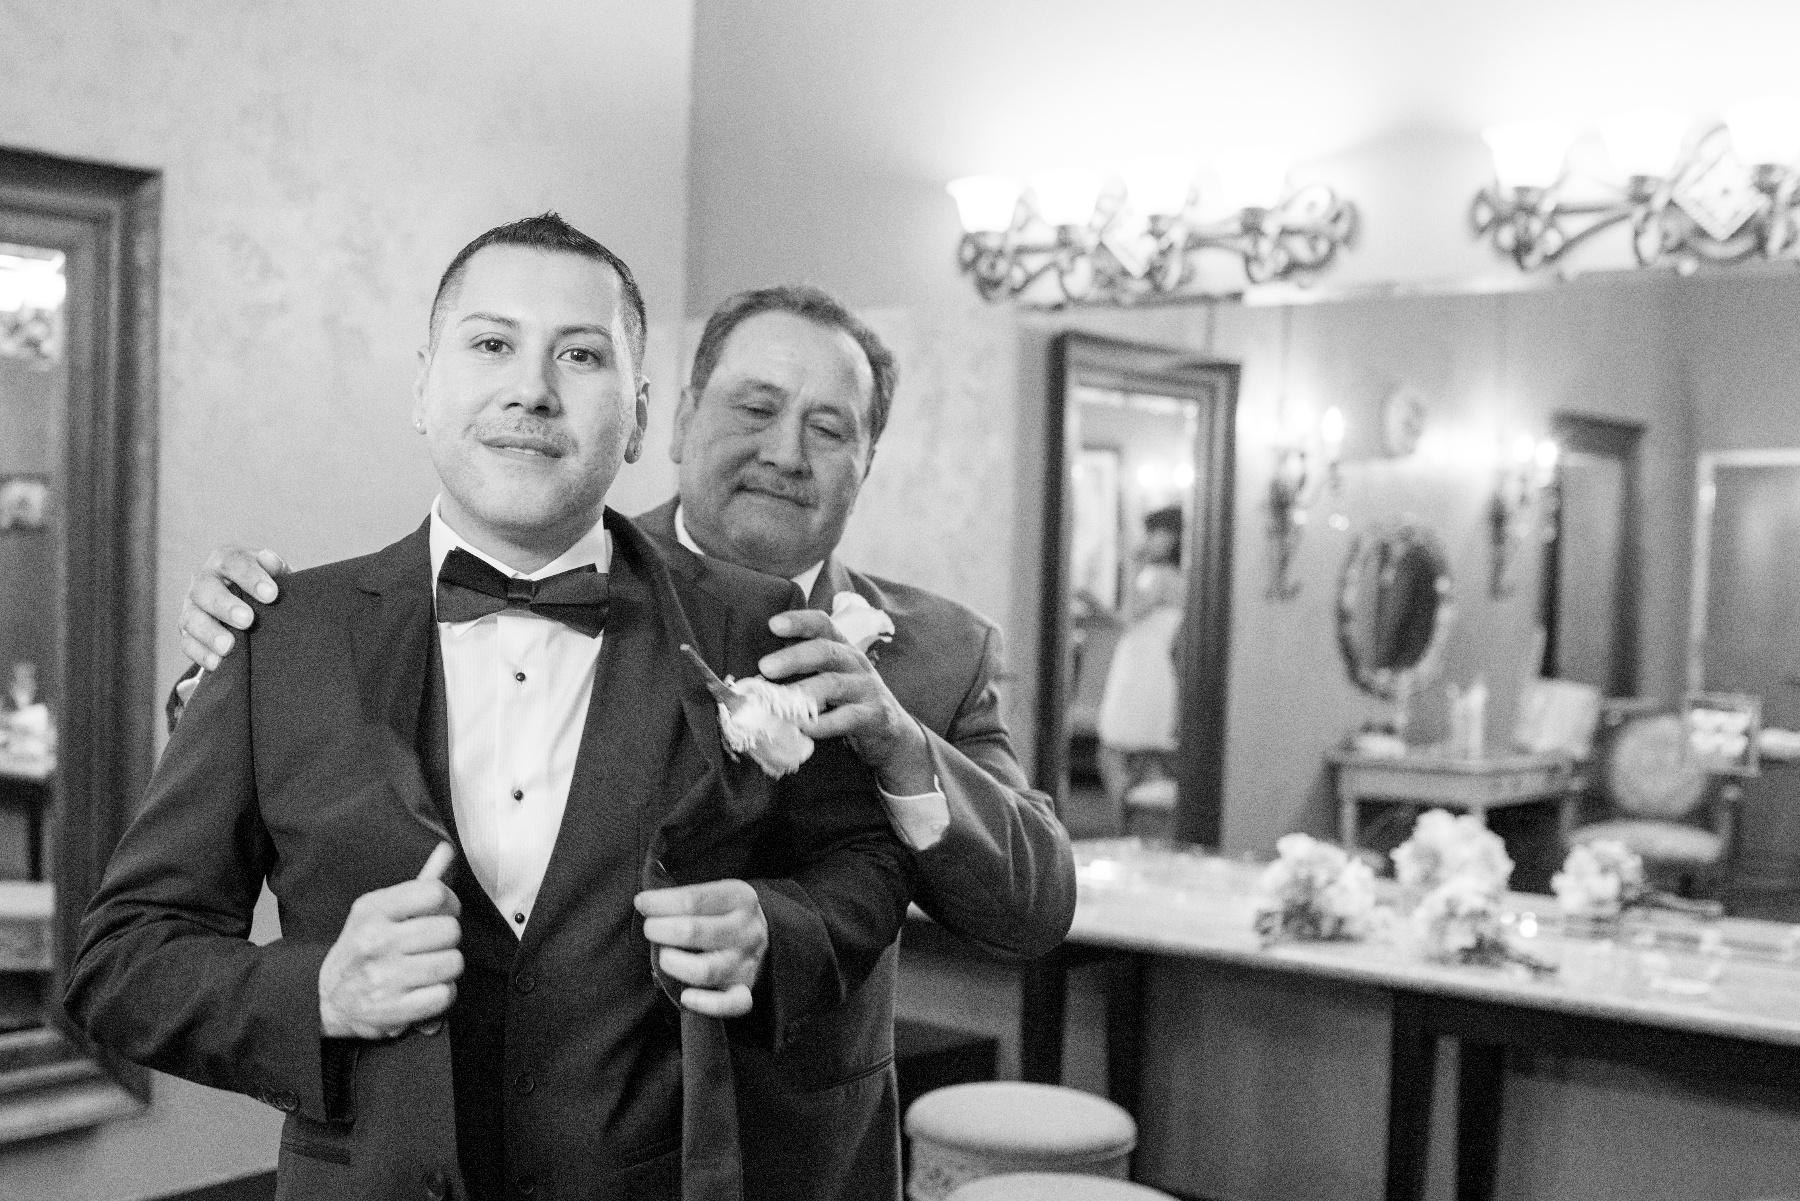 hugo and jimmy wedding 2014-10-05 19